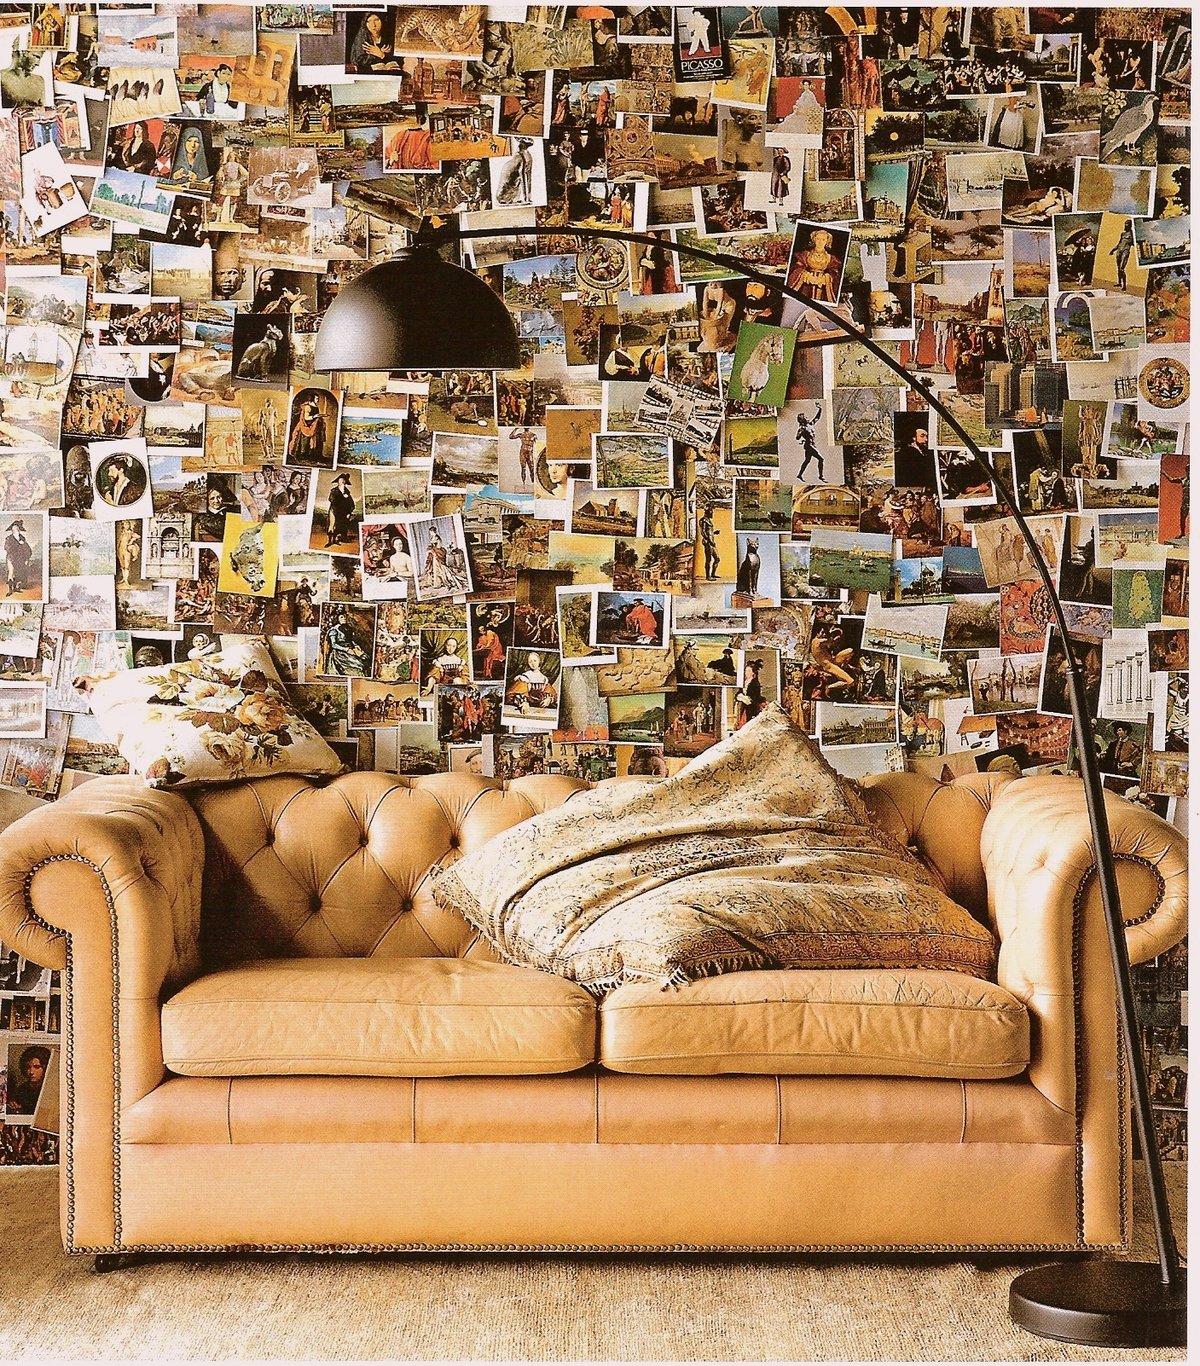 кошка стены картинками из журналов объяснение увиденному так